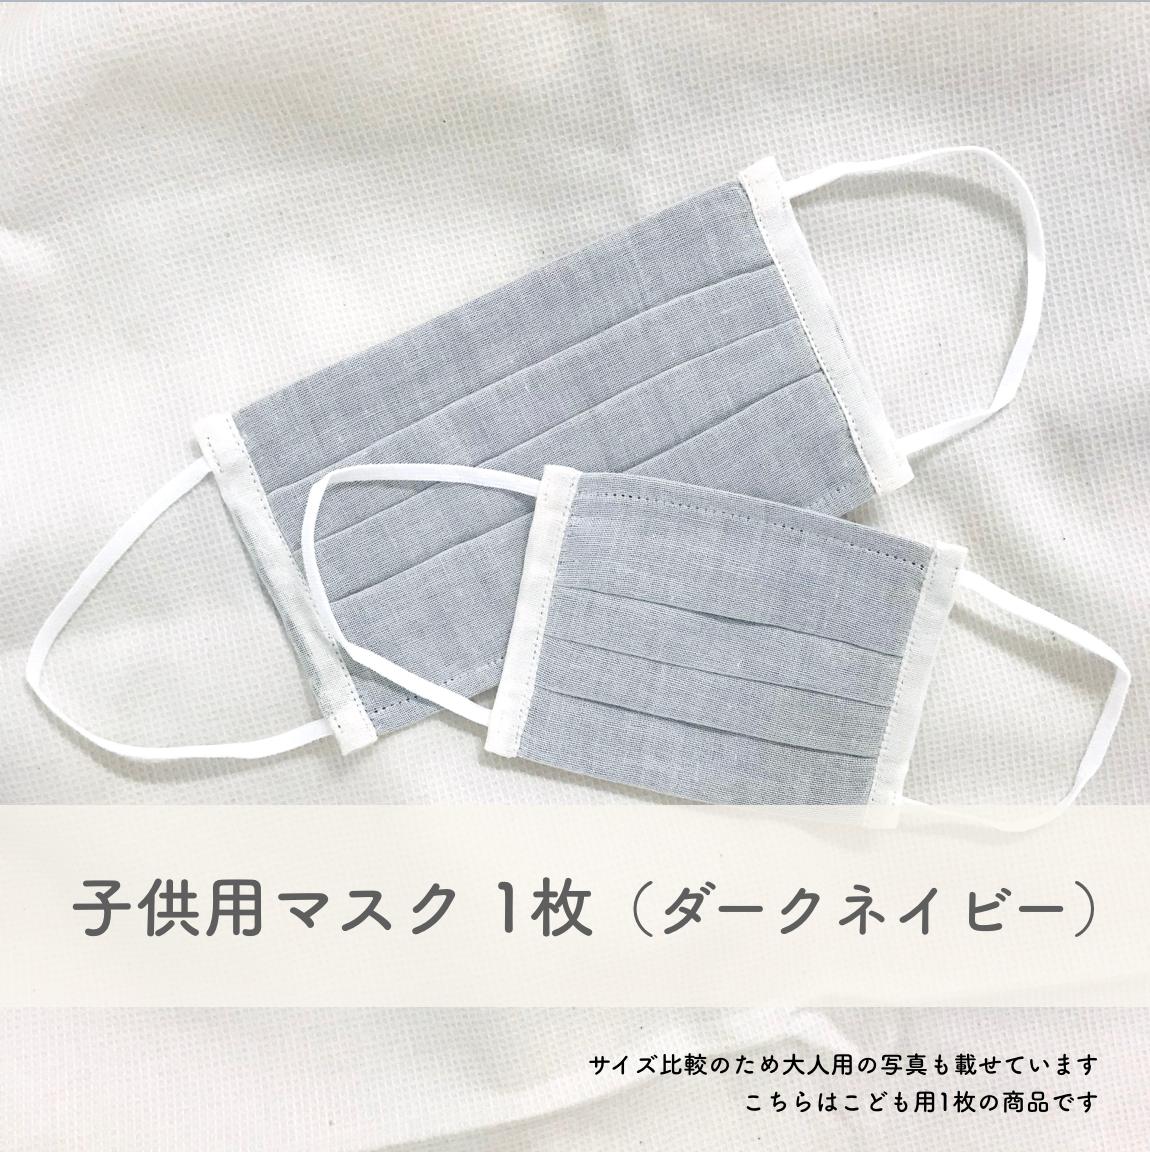 【限定数 / 送料無料】(こども用)LUCYオリジナルオーガニックコットンマスク(ダークネイビー)